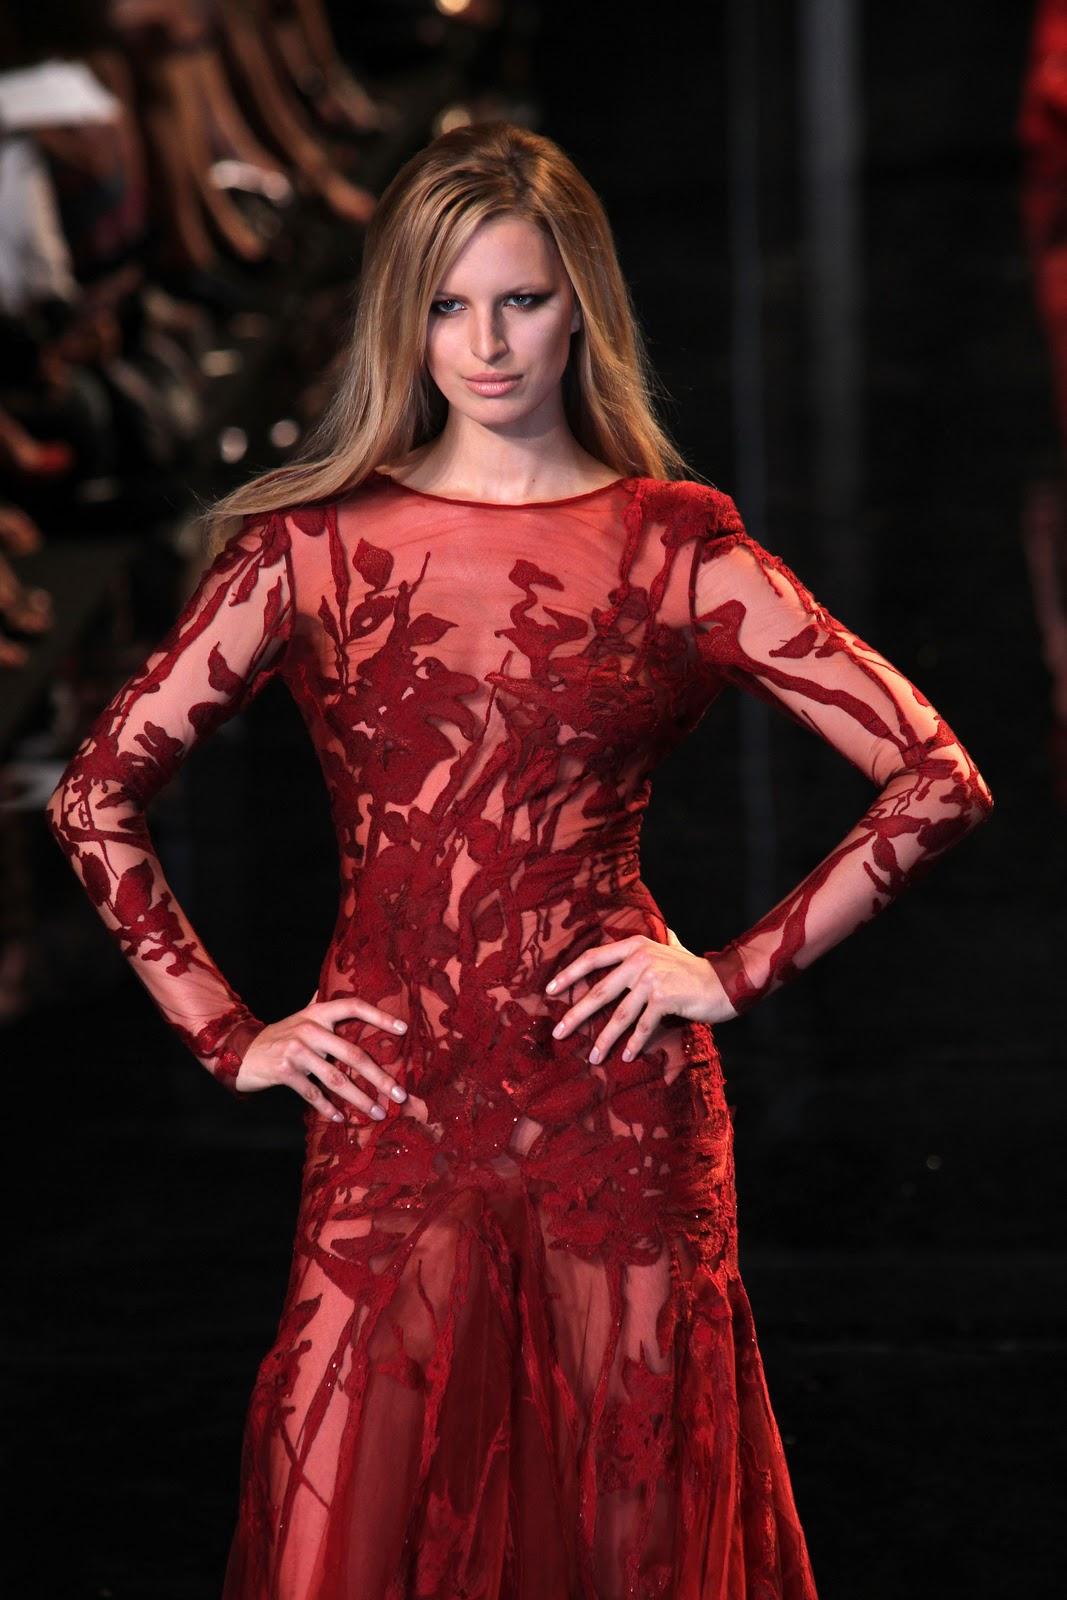 http://3.bp.blogspot.com/_BokBbqgxyyg/TKq6OOG7kaI/AAAAAAAAAB0/e-aM5Zy3OJ8/s1600/43466_Karolina_Kurkova_Elie_Saab_Fashion_Show_2_122_922lo.jpg